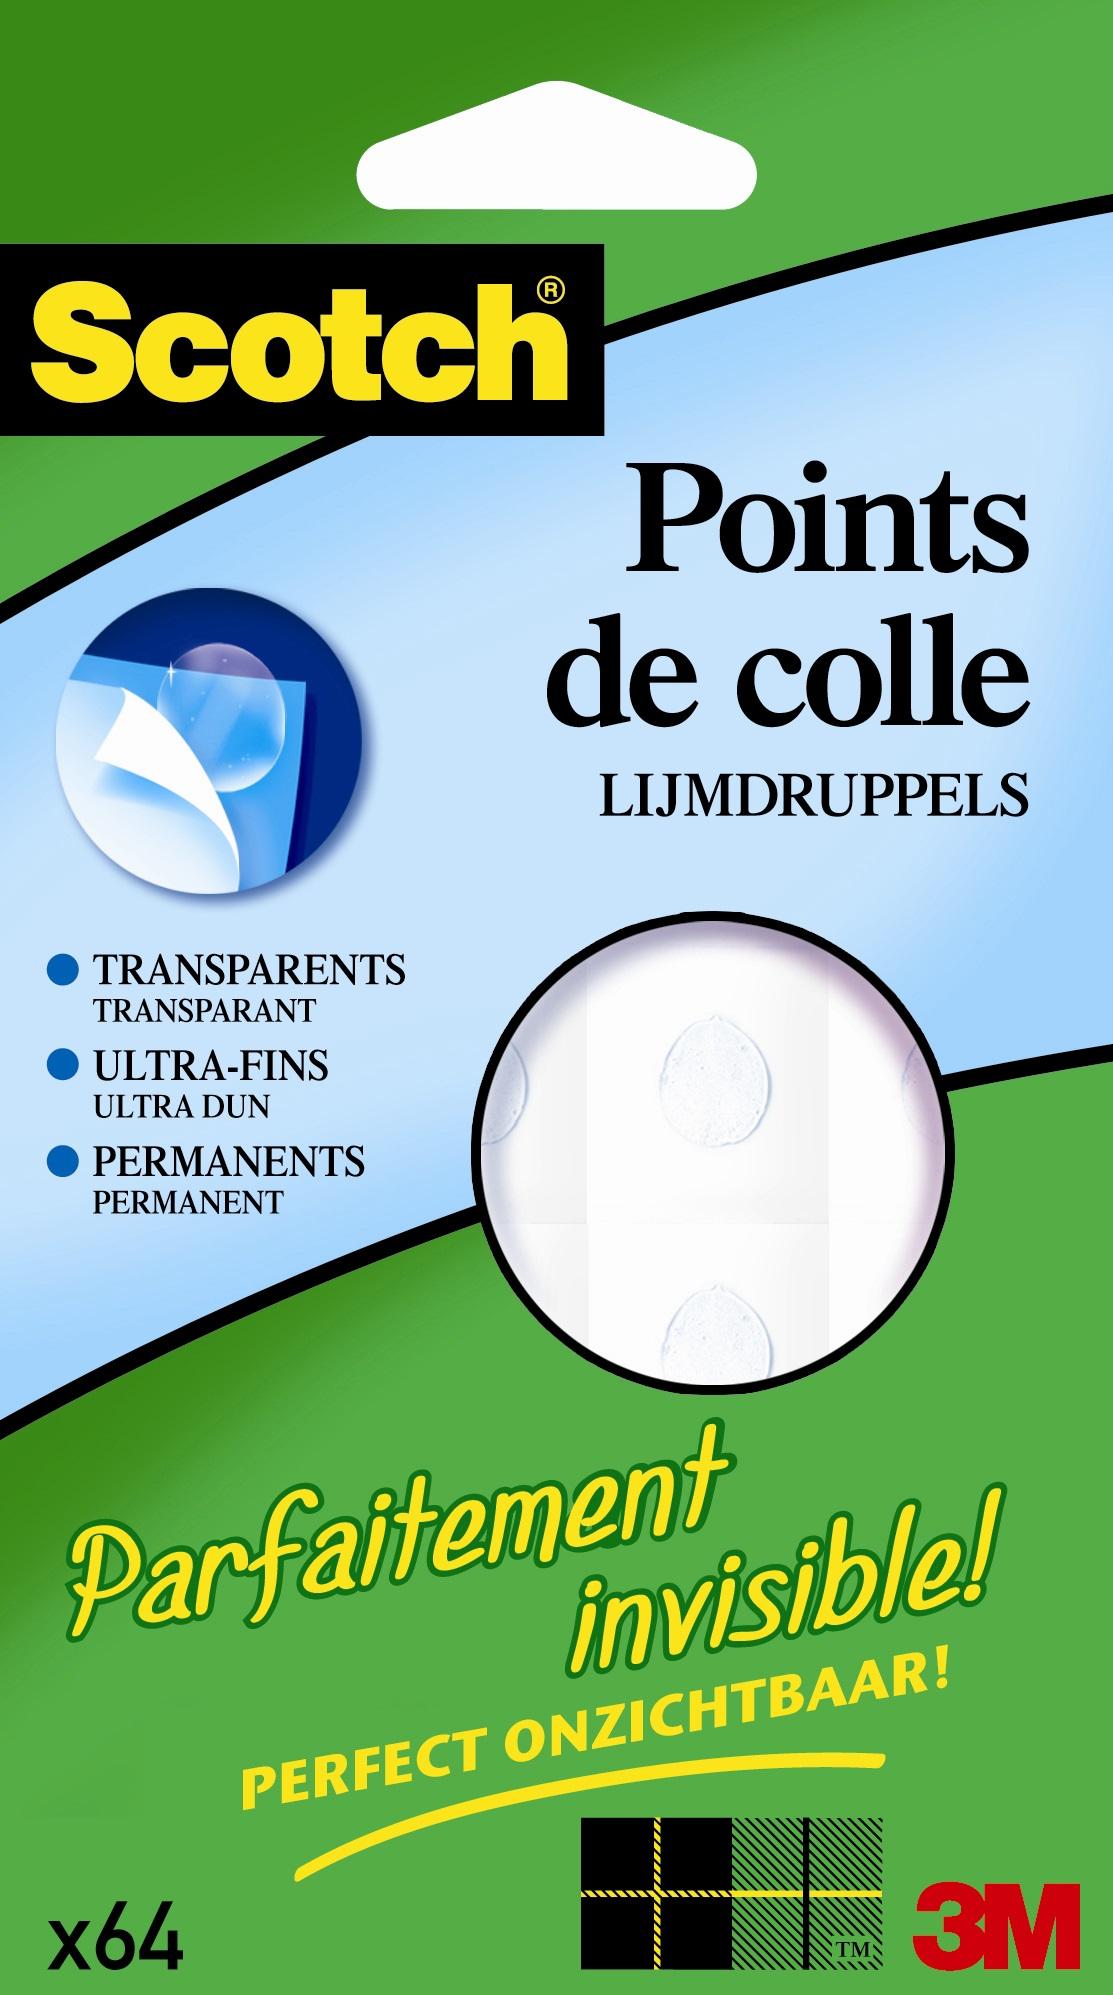 Scotch Invisible dots - Pastilles adhésives : pack de 64 pastilles